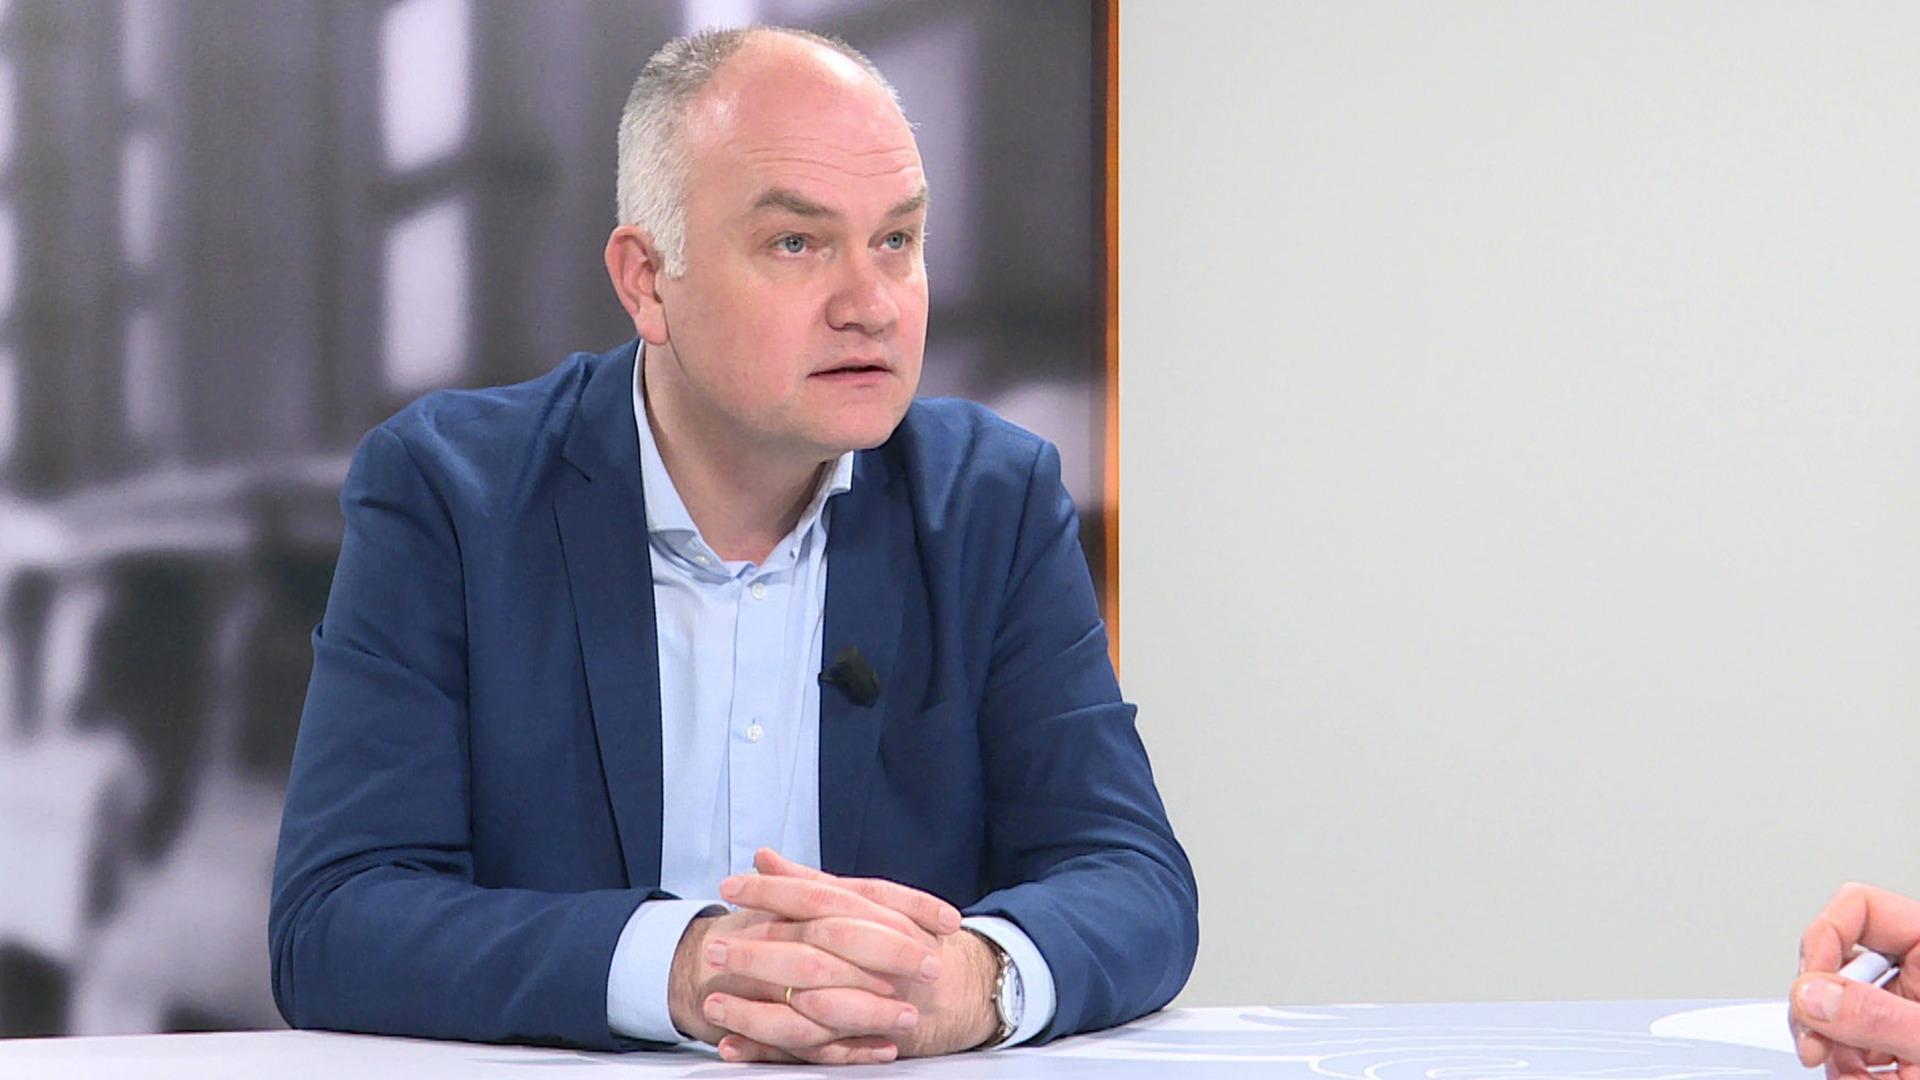 Studio Vlaams Parlement: Björn Rzoska over het klimaatbeleid van de Vlaamse regering